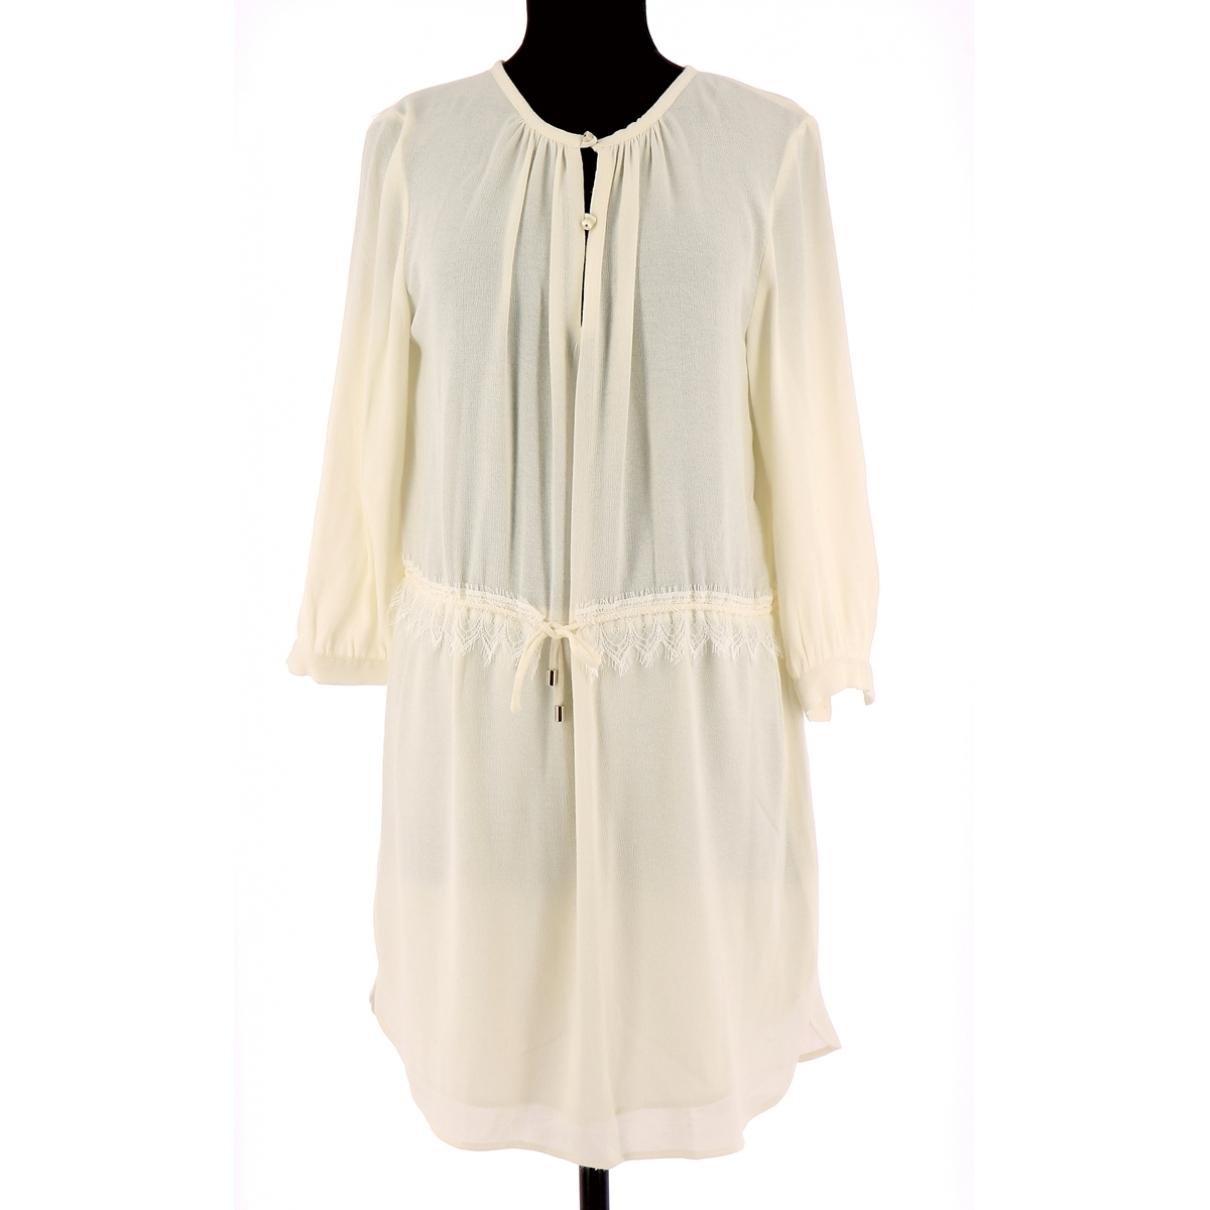 Sessun \N Kleid in  Beige Polyester